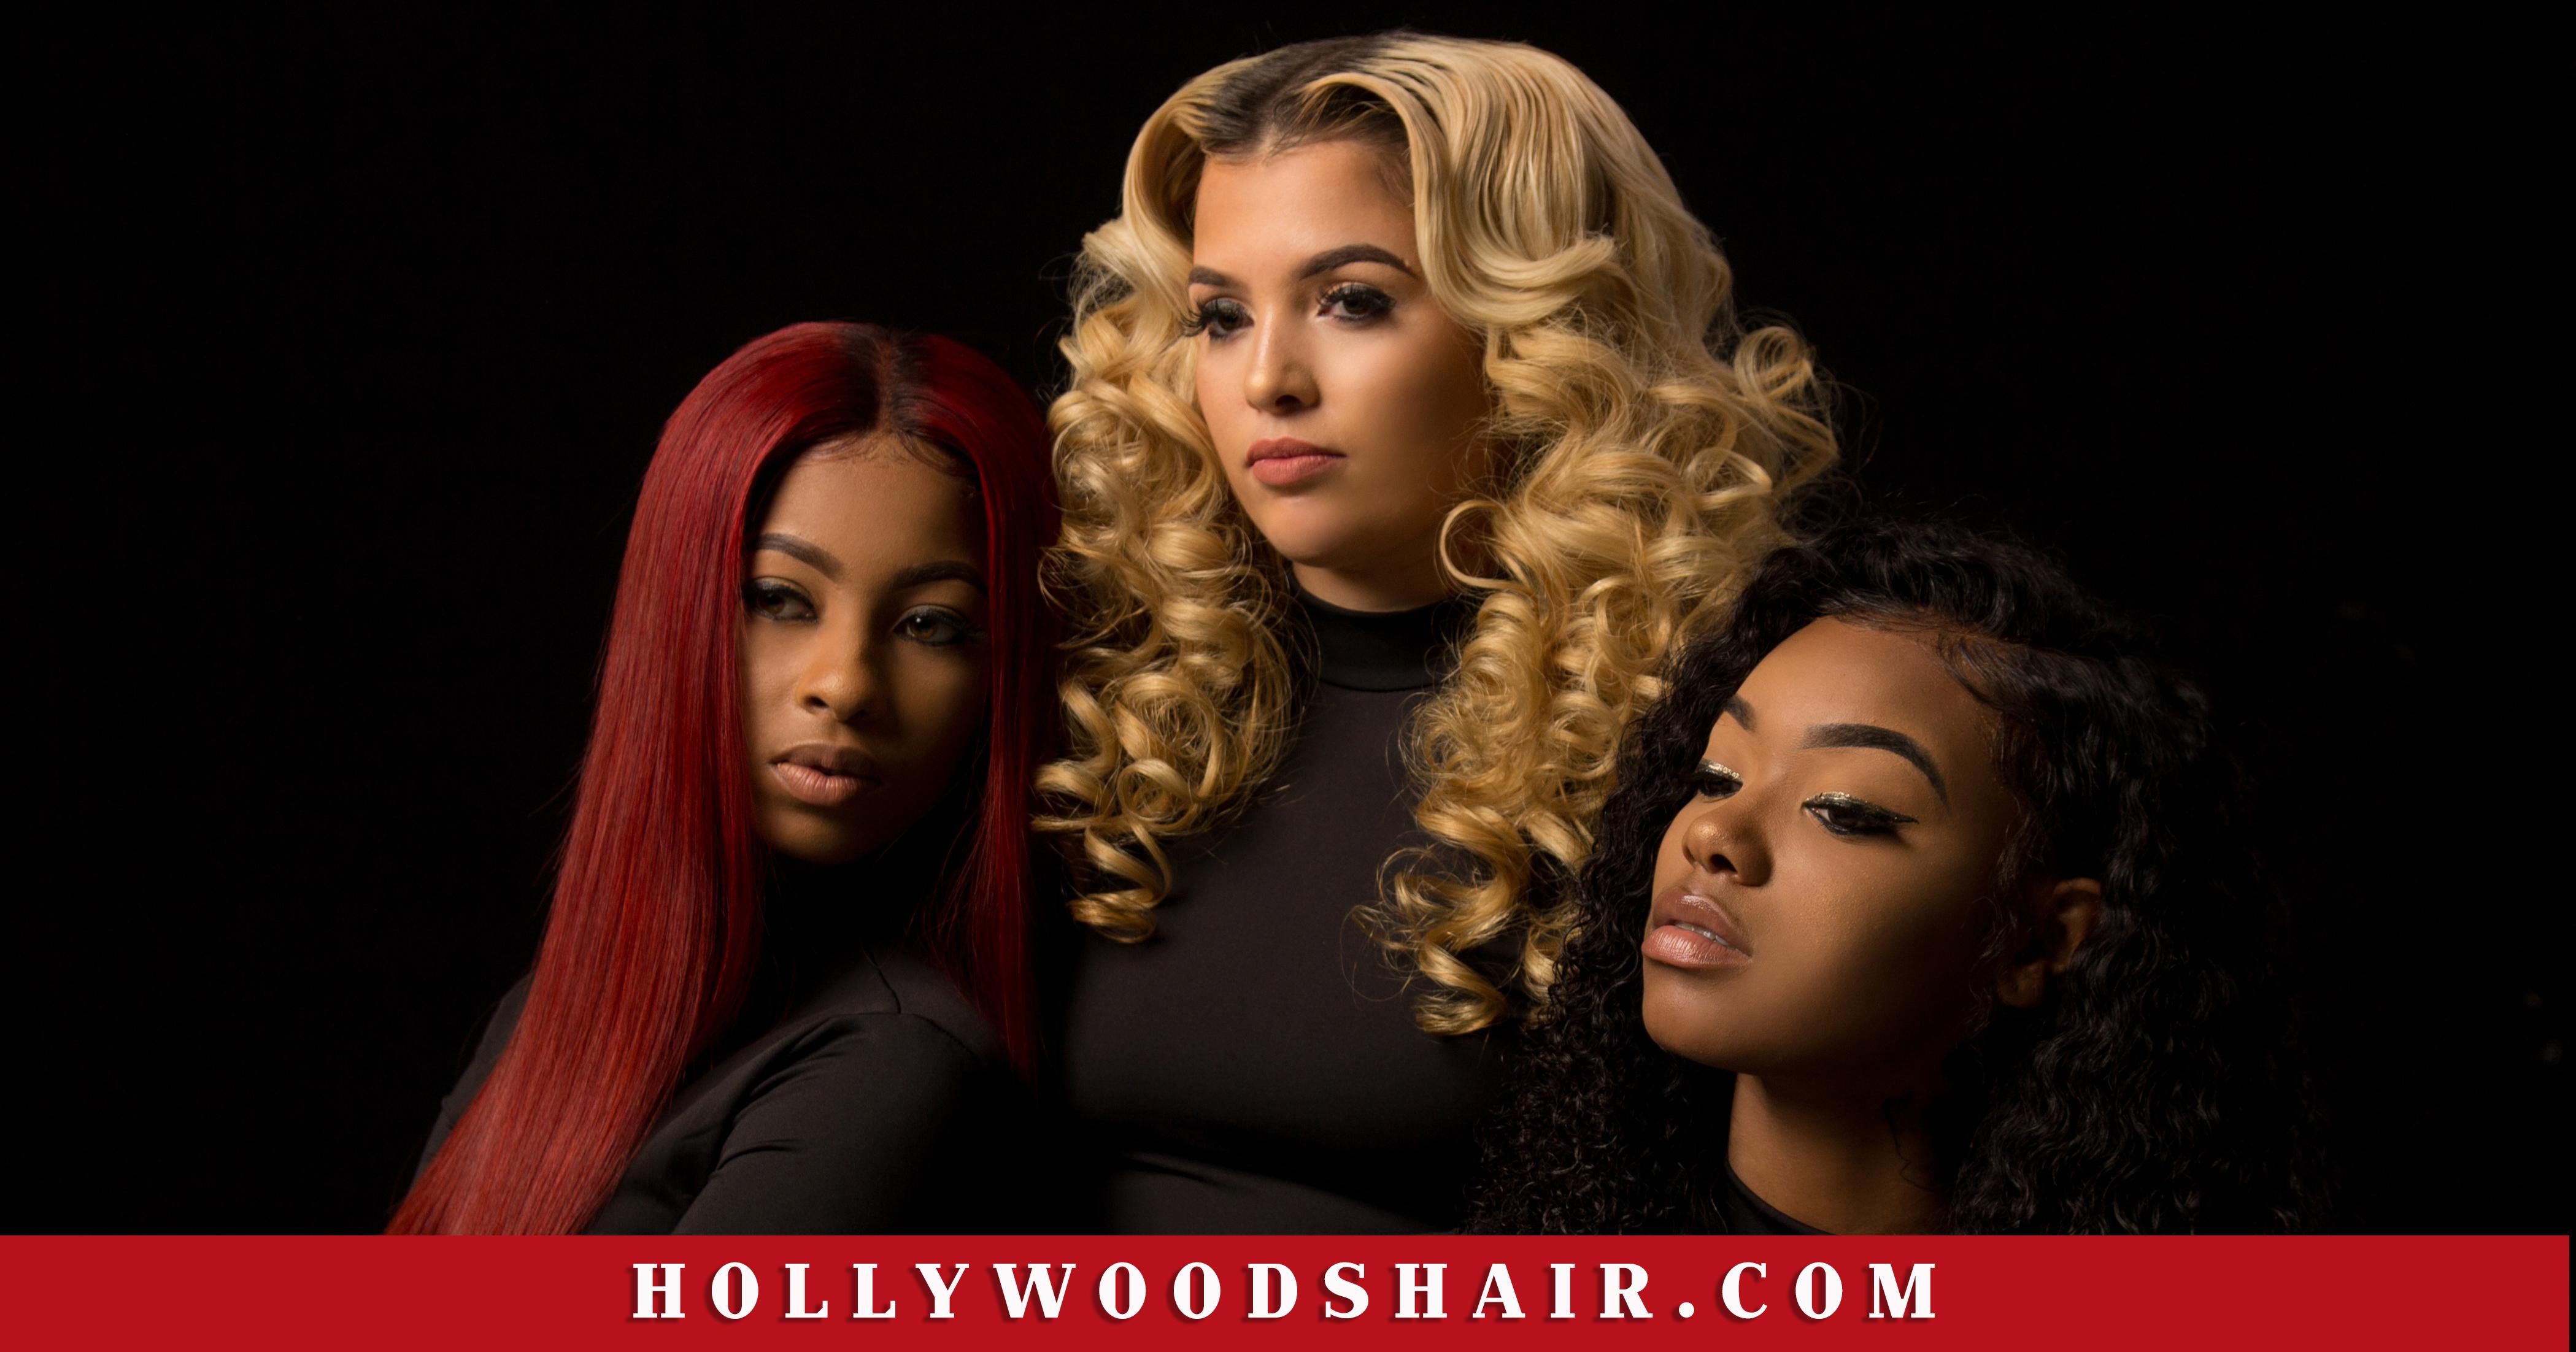 Hollywoods Hair Hollywood Studios